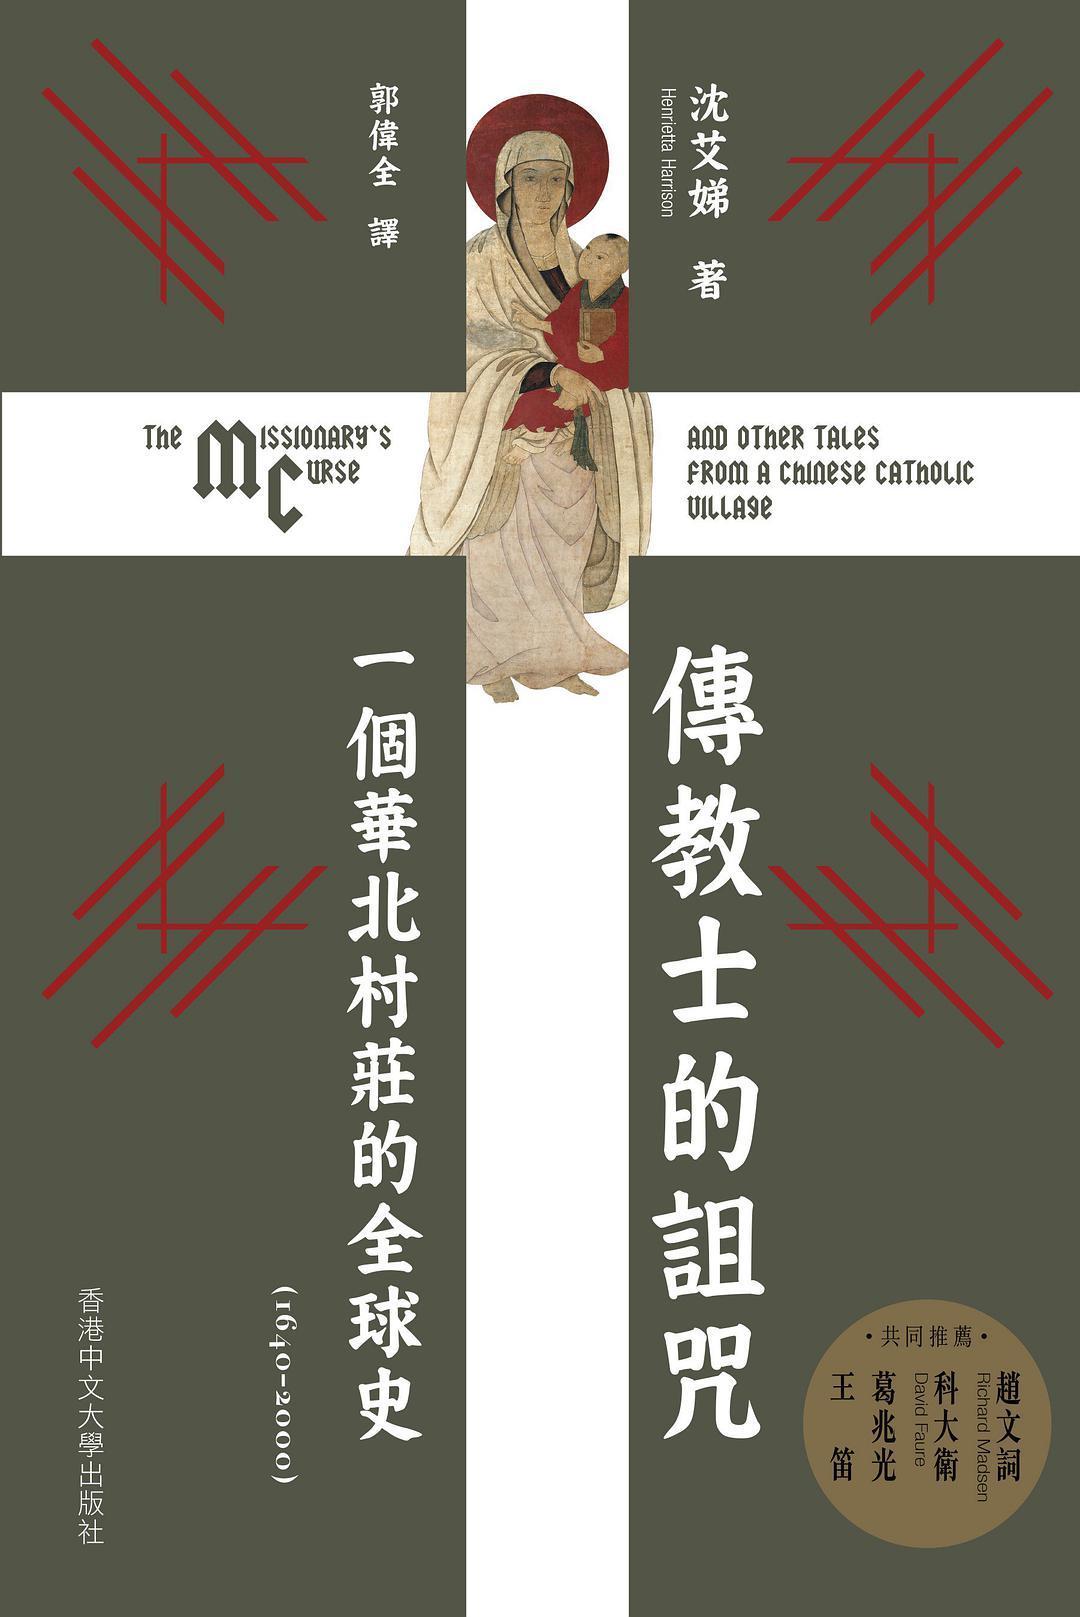 沈艾娣:《傳教士的詛咒:一個華北村莊的全球史》(2021)